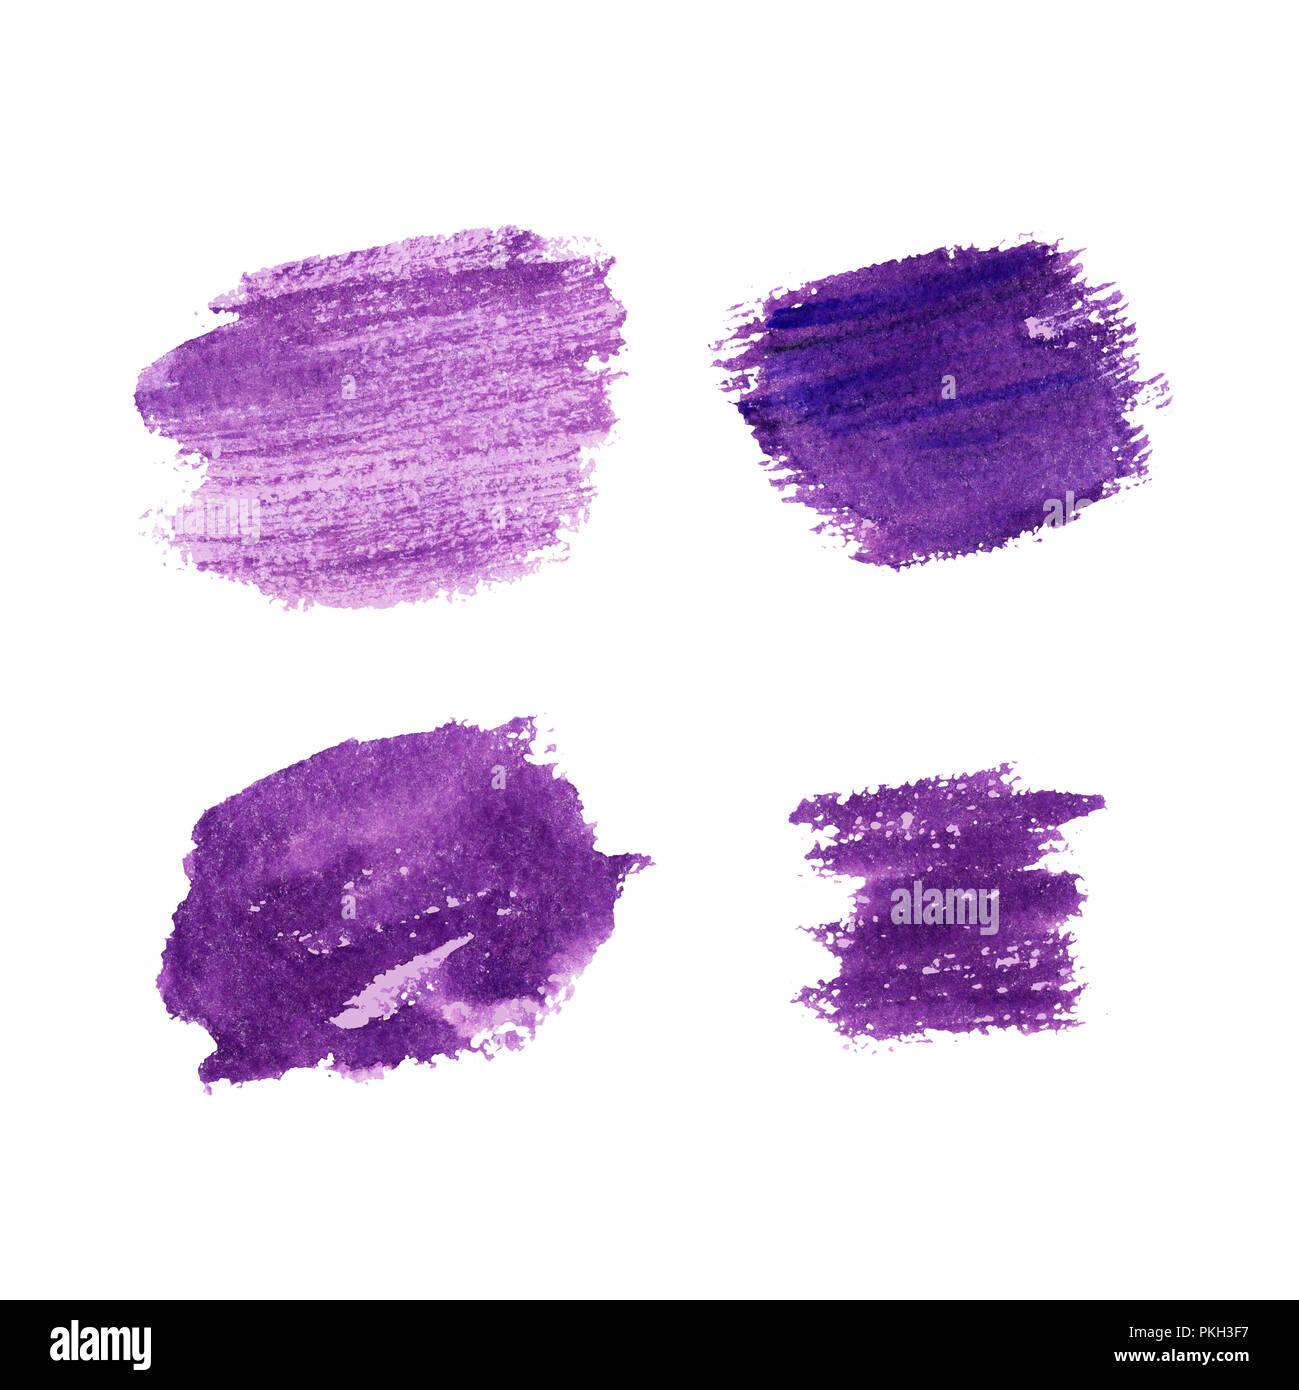 Lavendel Farbe pinselstriche Hand gezeichnet Hintergrund. Violette Farbe bestreichen auf weißem Hintergrund. Lavendel Fleck pastell Sammlung. Valentines Tag Pinselstriche Grußkarten gestalten. Isoliert Stockbild